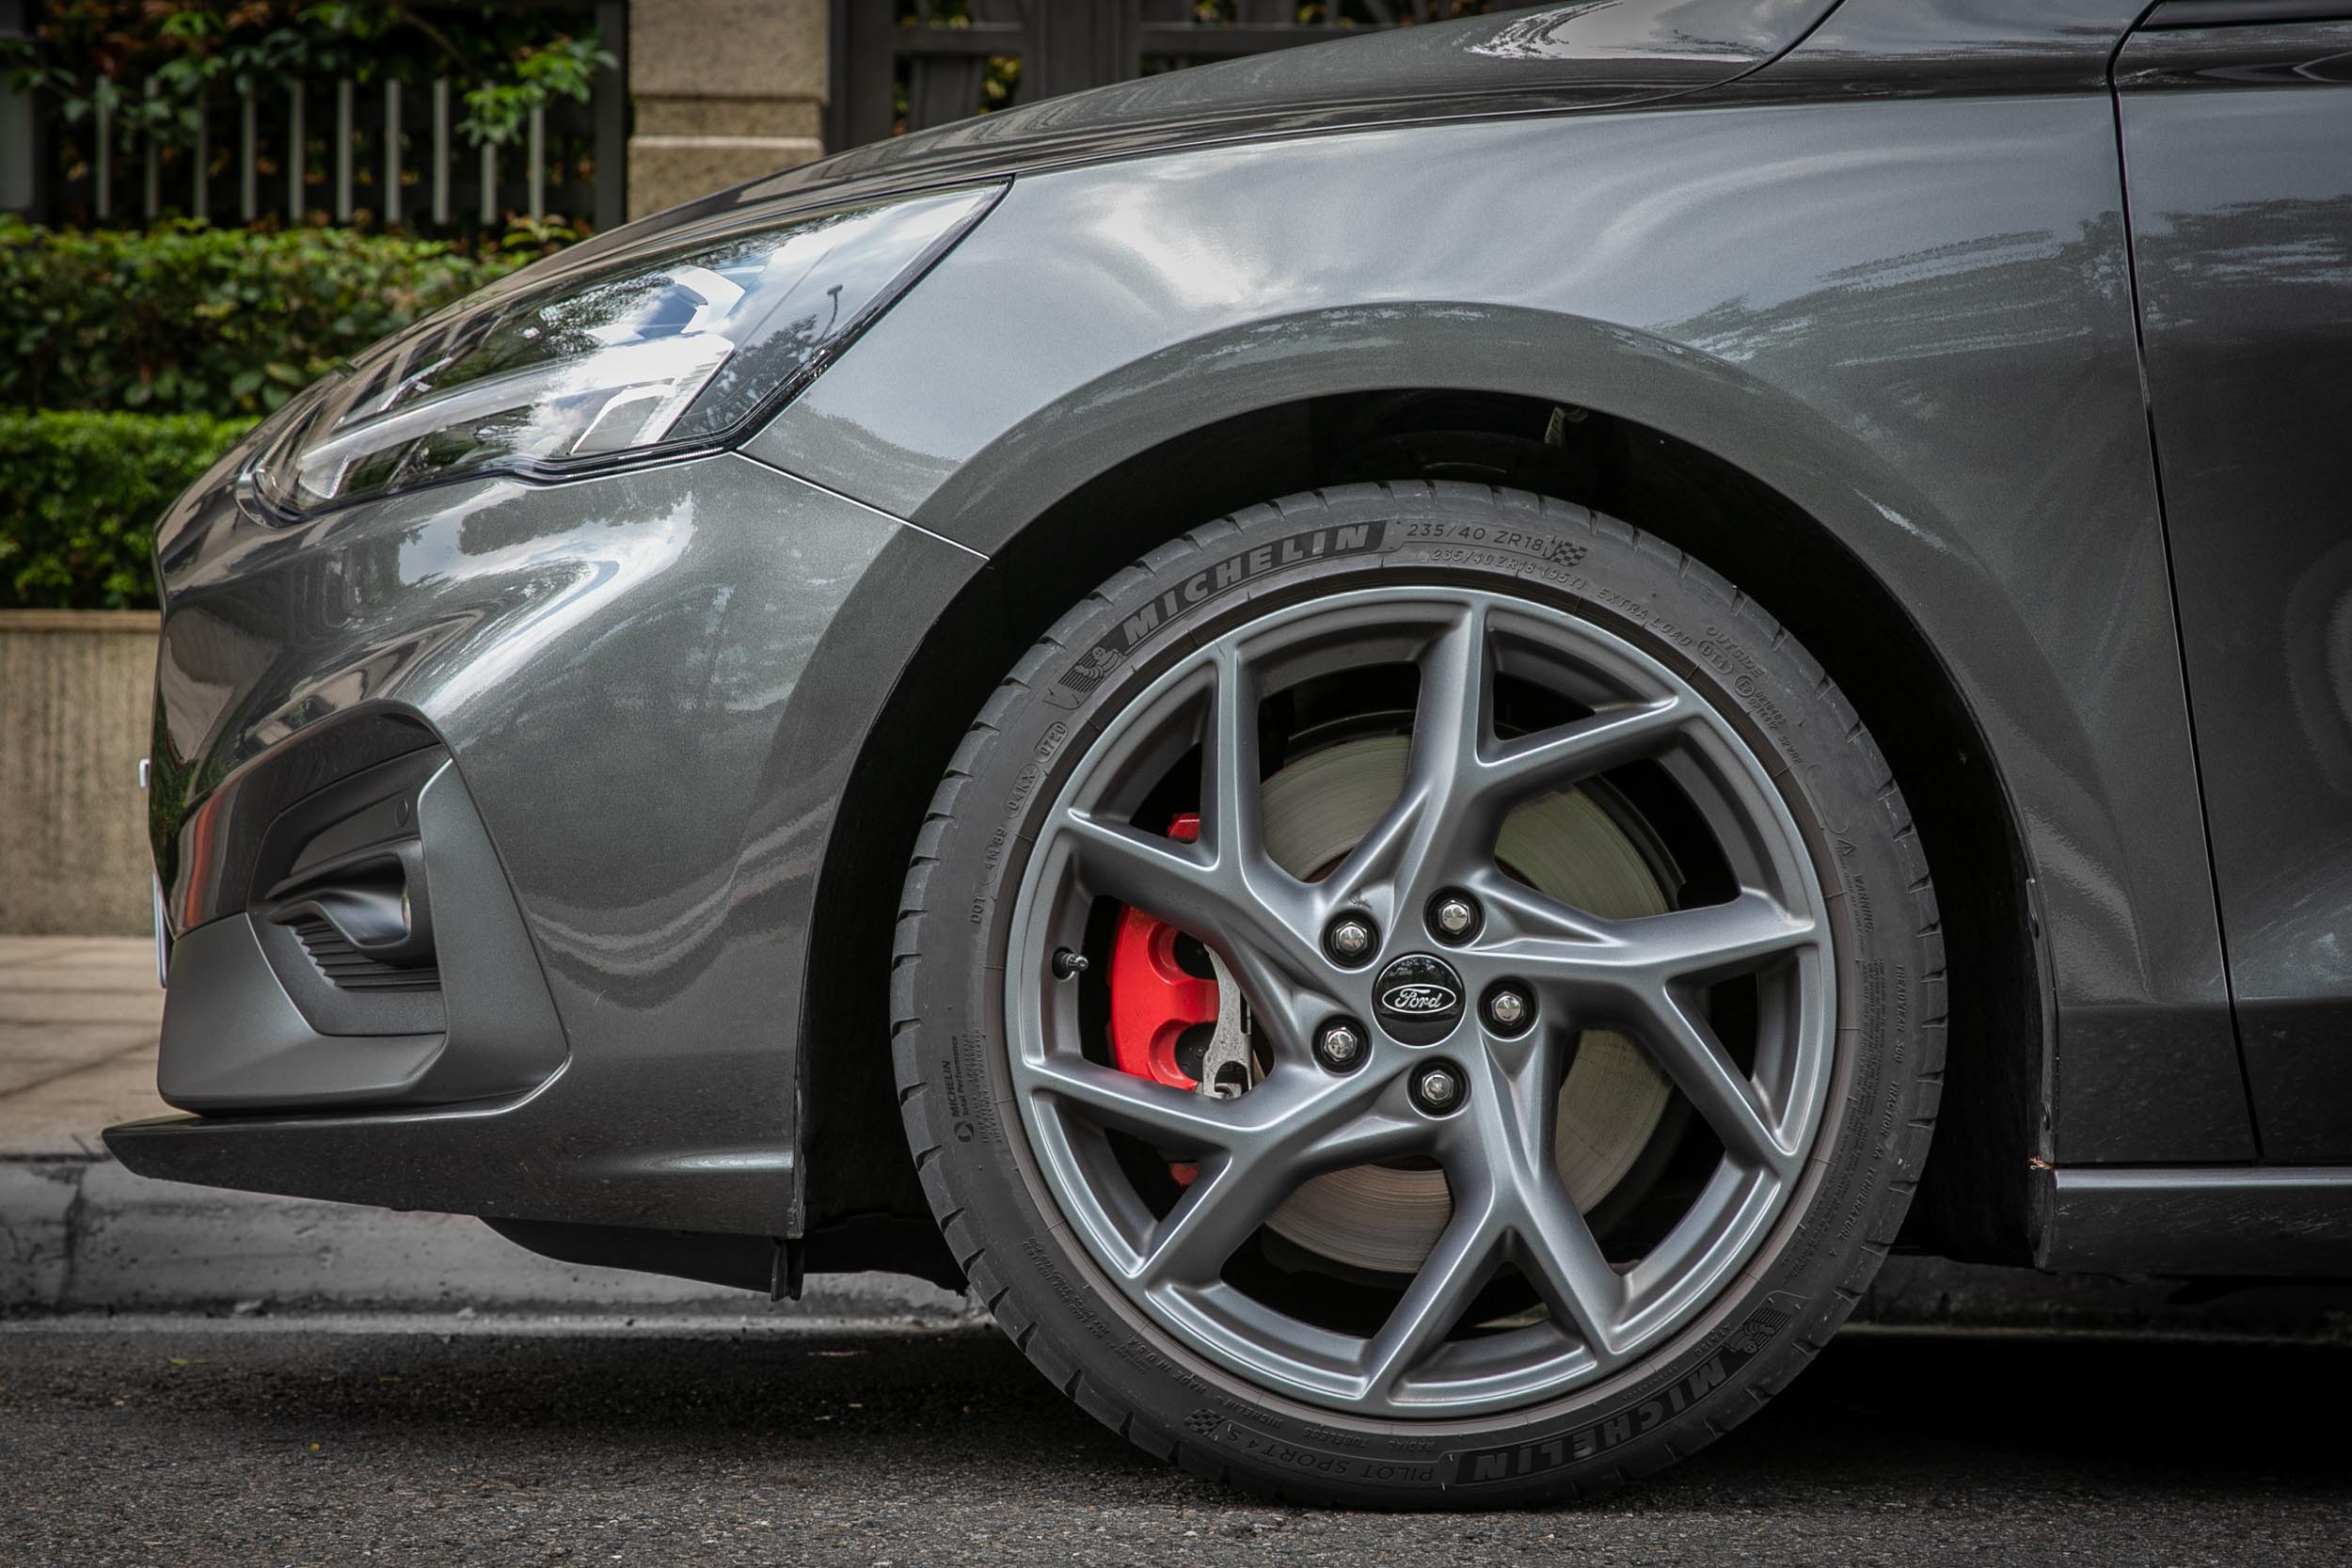 腳下的輪圈從19吋縮減至18吋,配胎都是Michelin Pilot Sport 4S性能胎,但尺碼從235/35ZR19改為235/40ZR18。